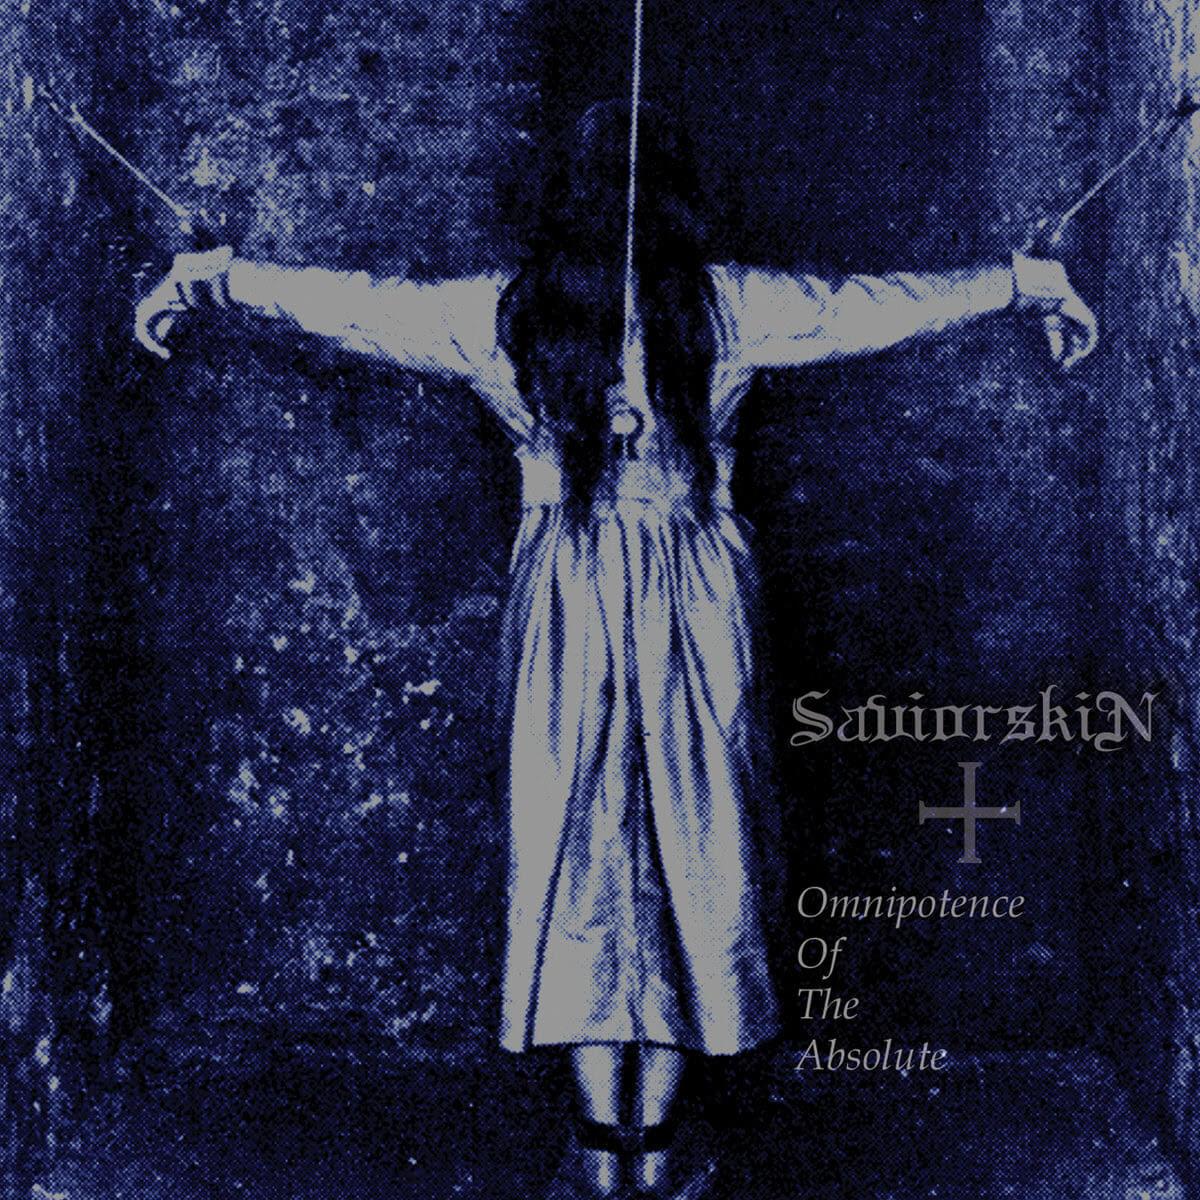 SaviorSkin